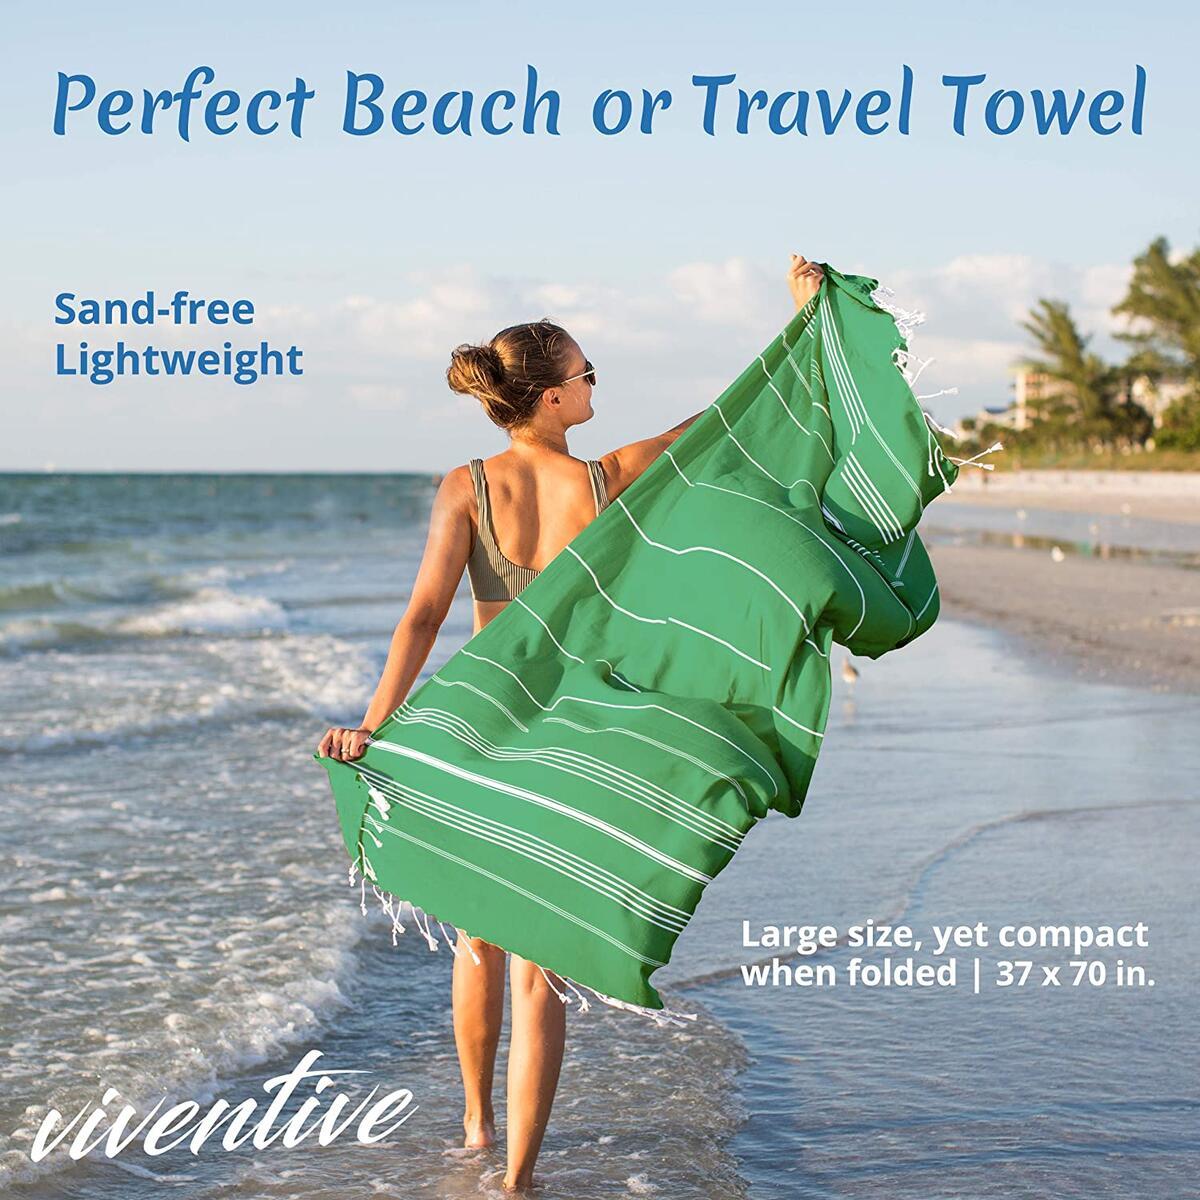 Thin Beach Towel - Peshtemal, Hammam